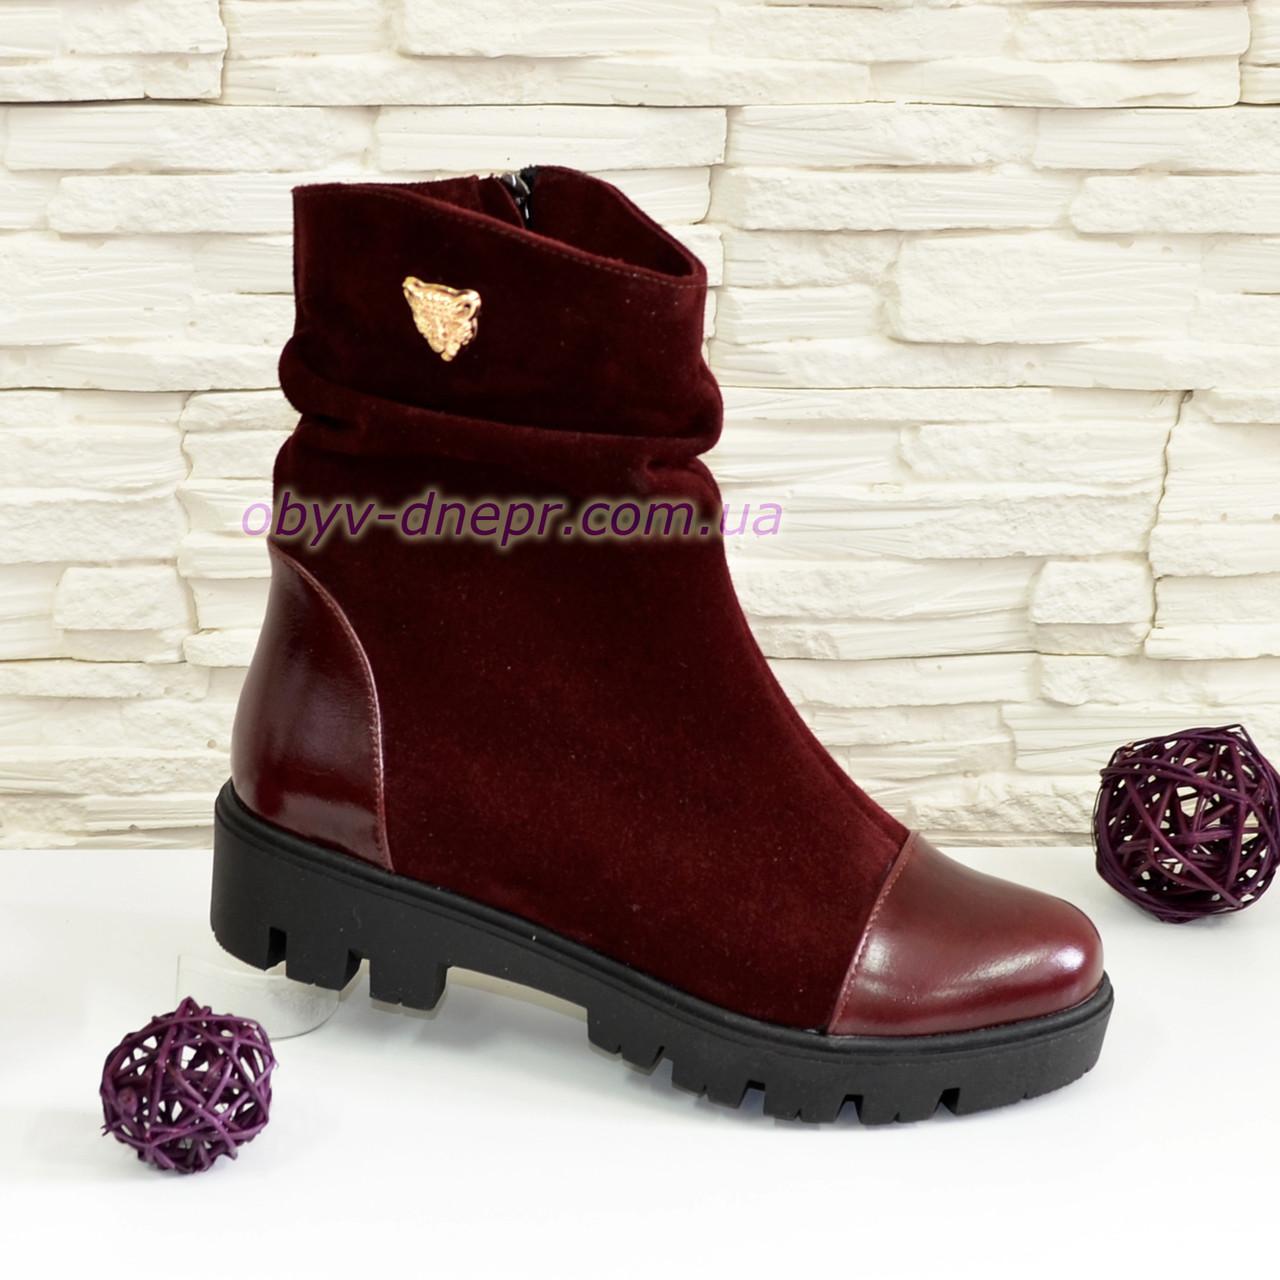 4f82a6aae Ботинки женские замшевые зимние бордовые на тракторной подошве ...